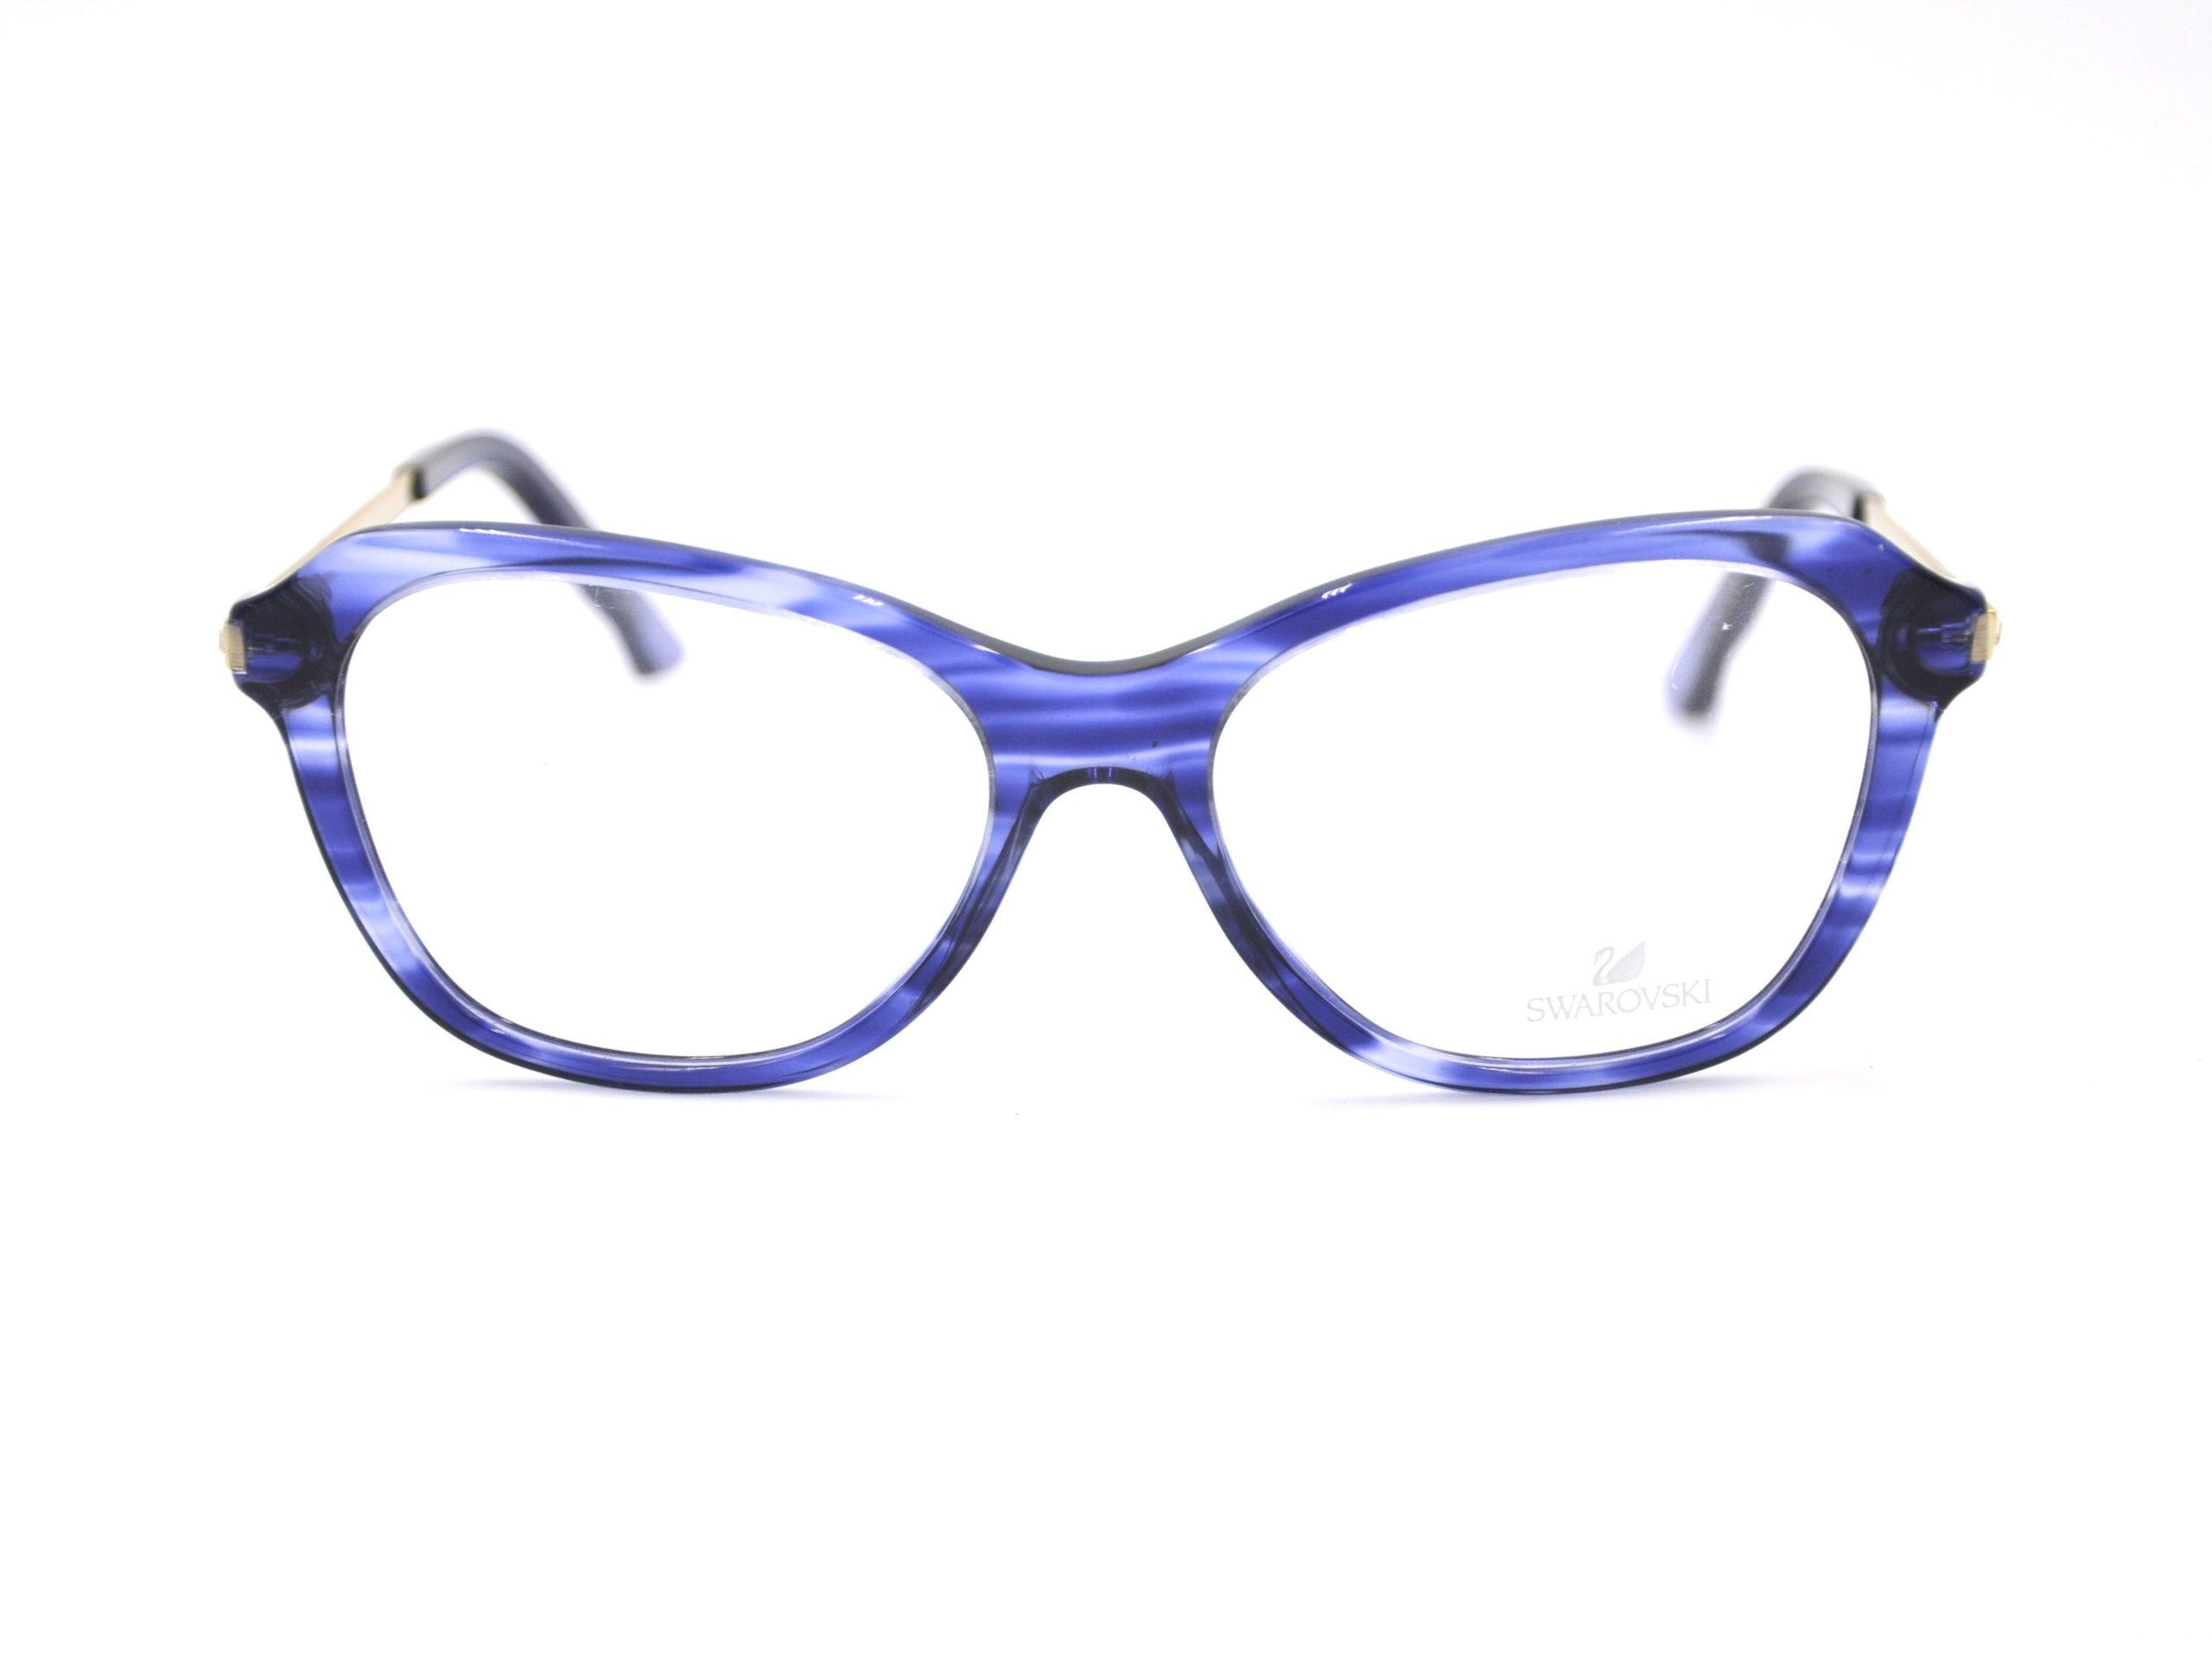 Γυαλιά οράσεως SWAROVSKI FLORRIE SW5161 090 Πειραιάς